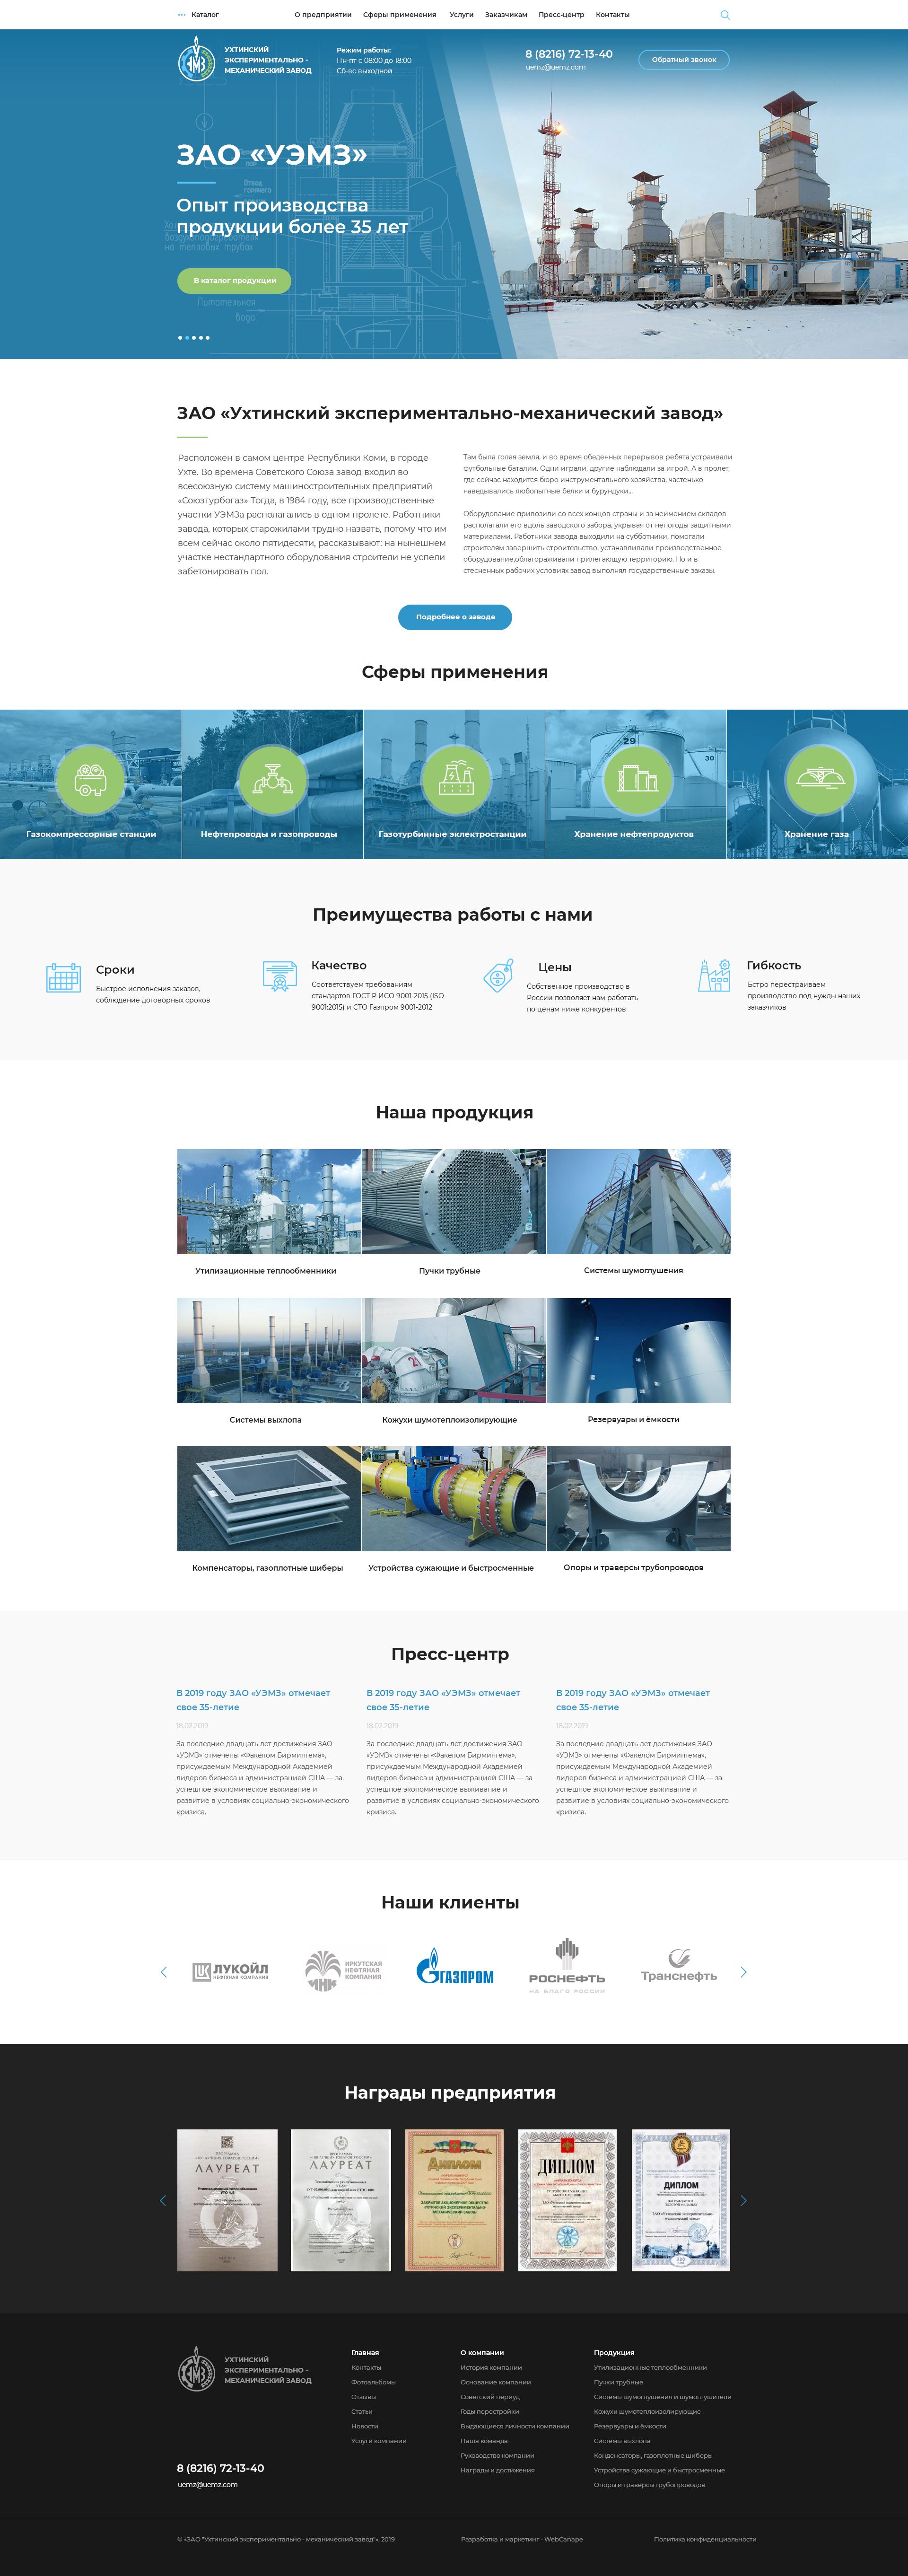 Разработка сайта для завода Ухтинского экспериментально-механического завода